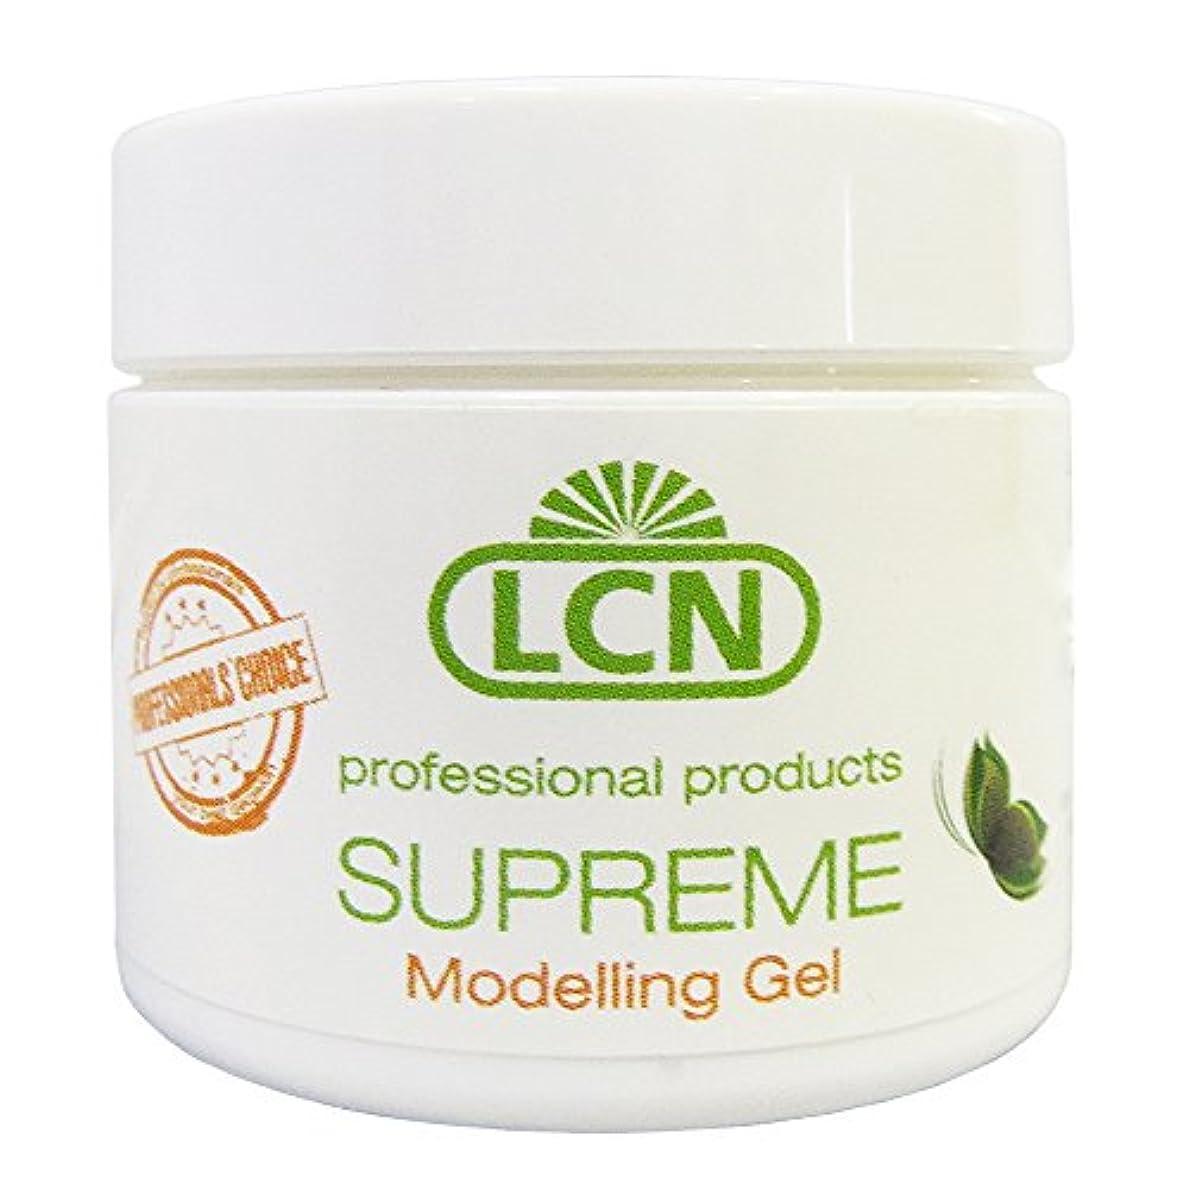 前提条件該当する風邪をひくエルシーエヌ(LCN) LCN サプリーム モデリングジェル 15ml